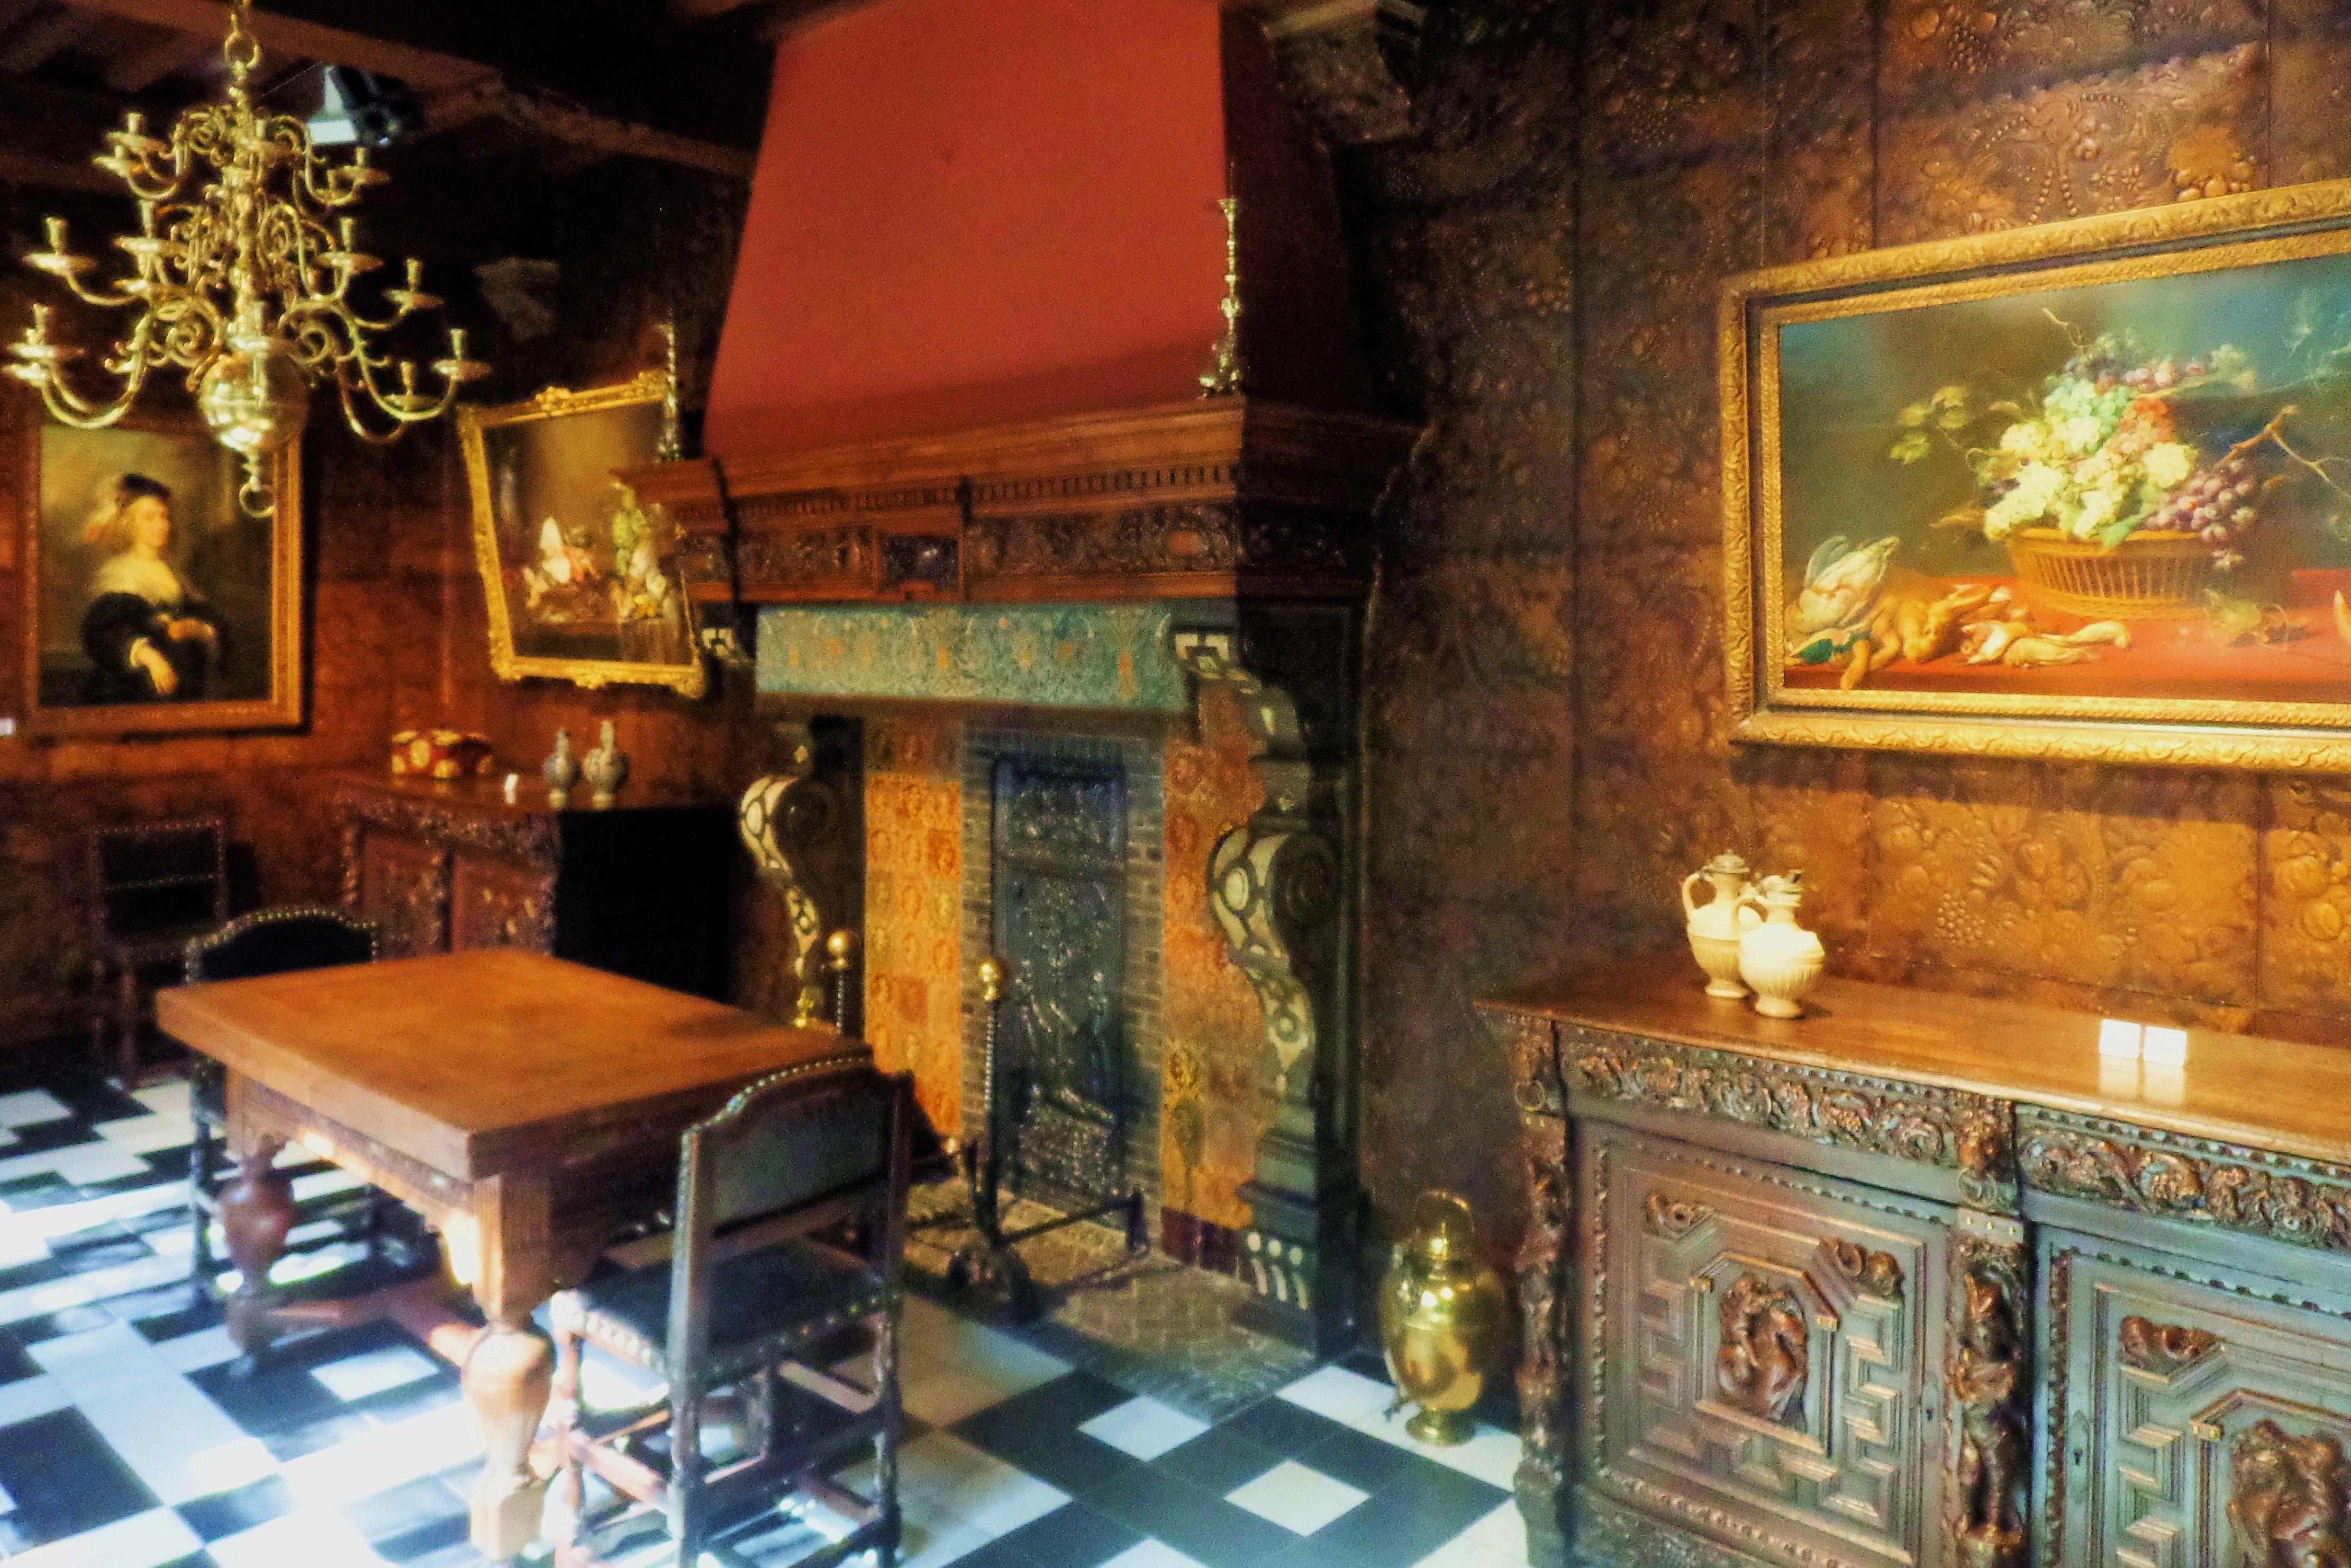 De muren van de eetkamer zijn voorzien van goudleerbehang. aan de